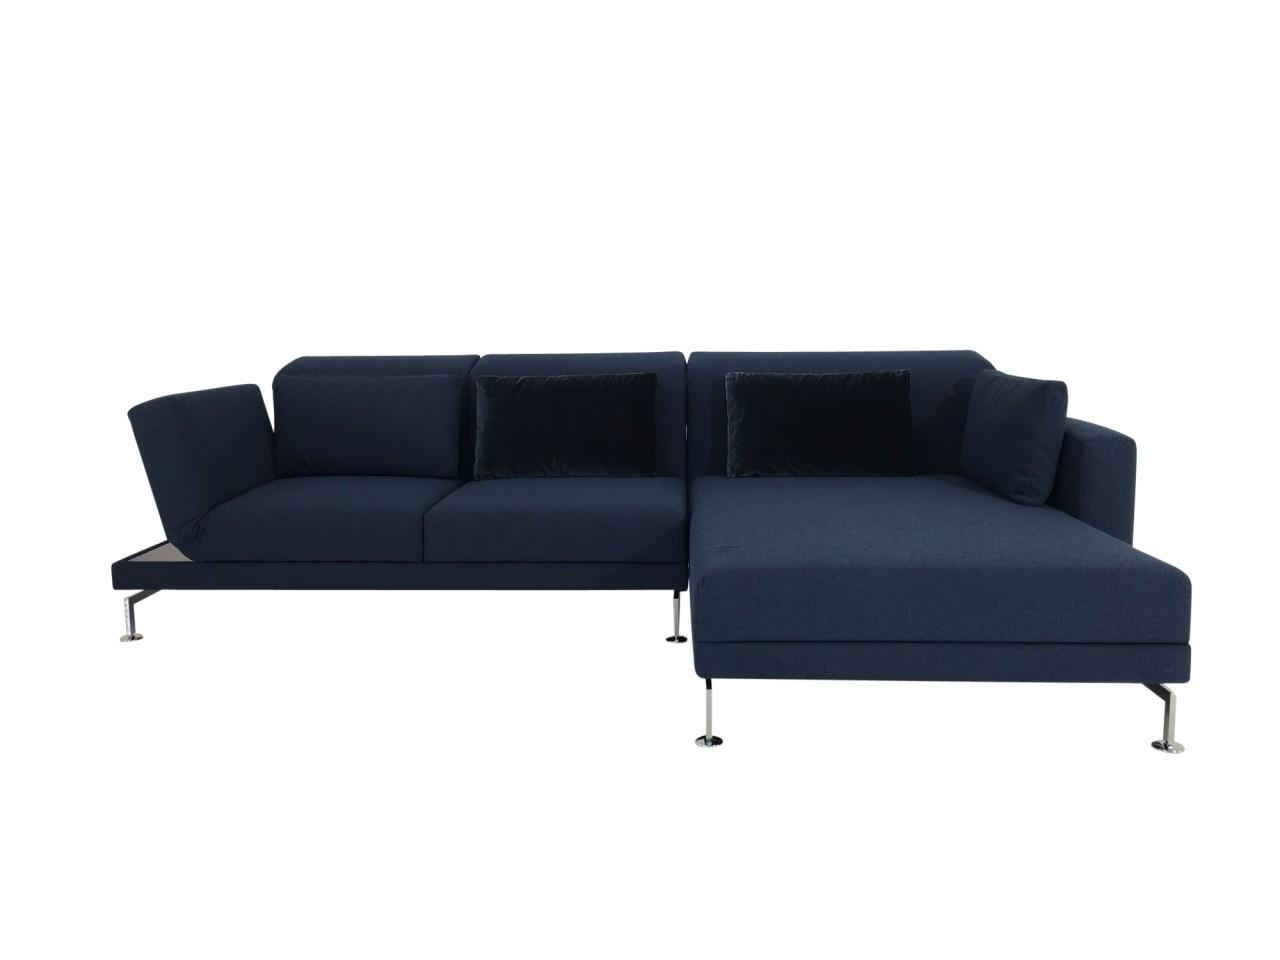 Brühl MOULE MEDIUM Sofa mit XL Longchair rechts in Stoff dunkelblau mit akzentuierten Kissen und Abl